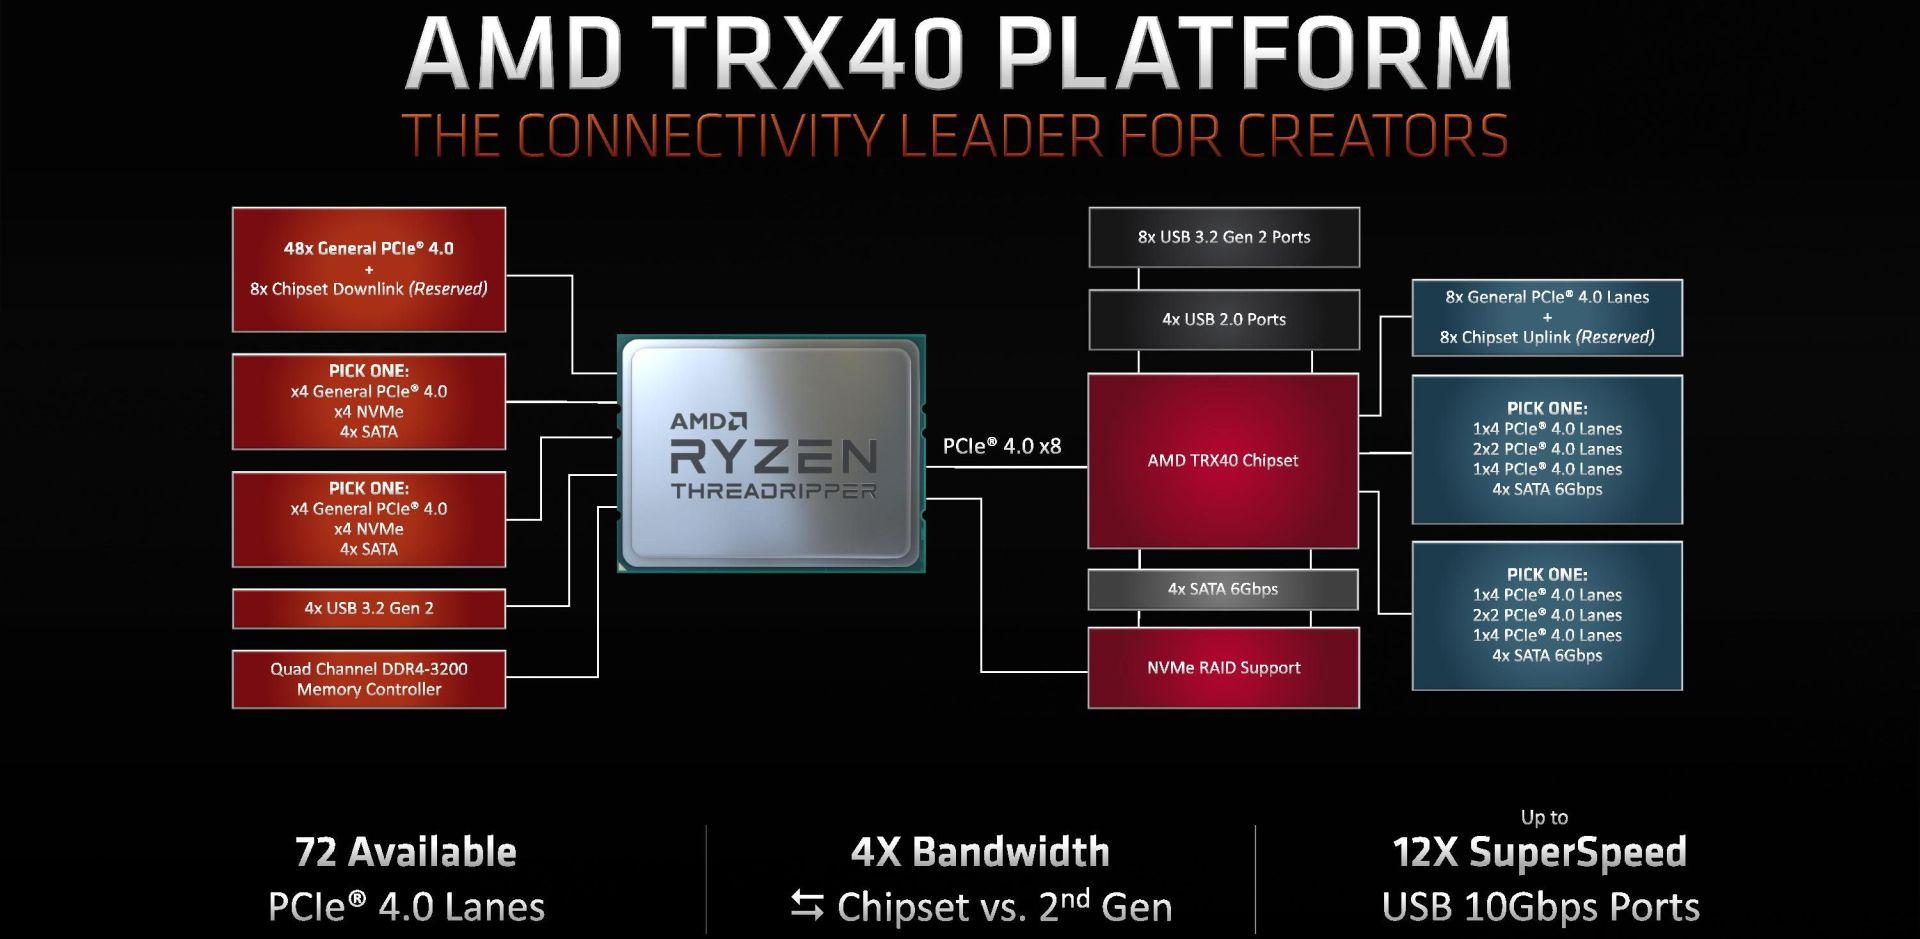 trx40_platform